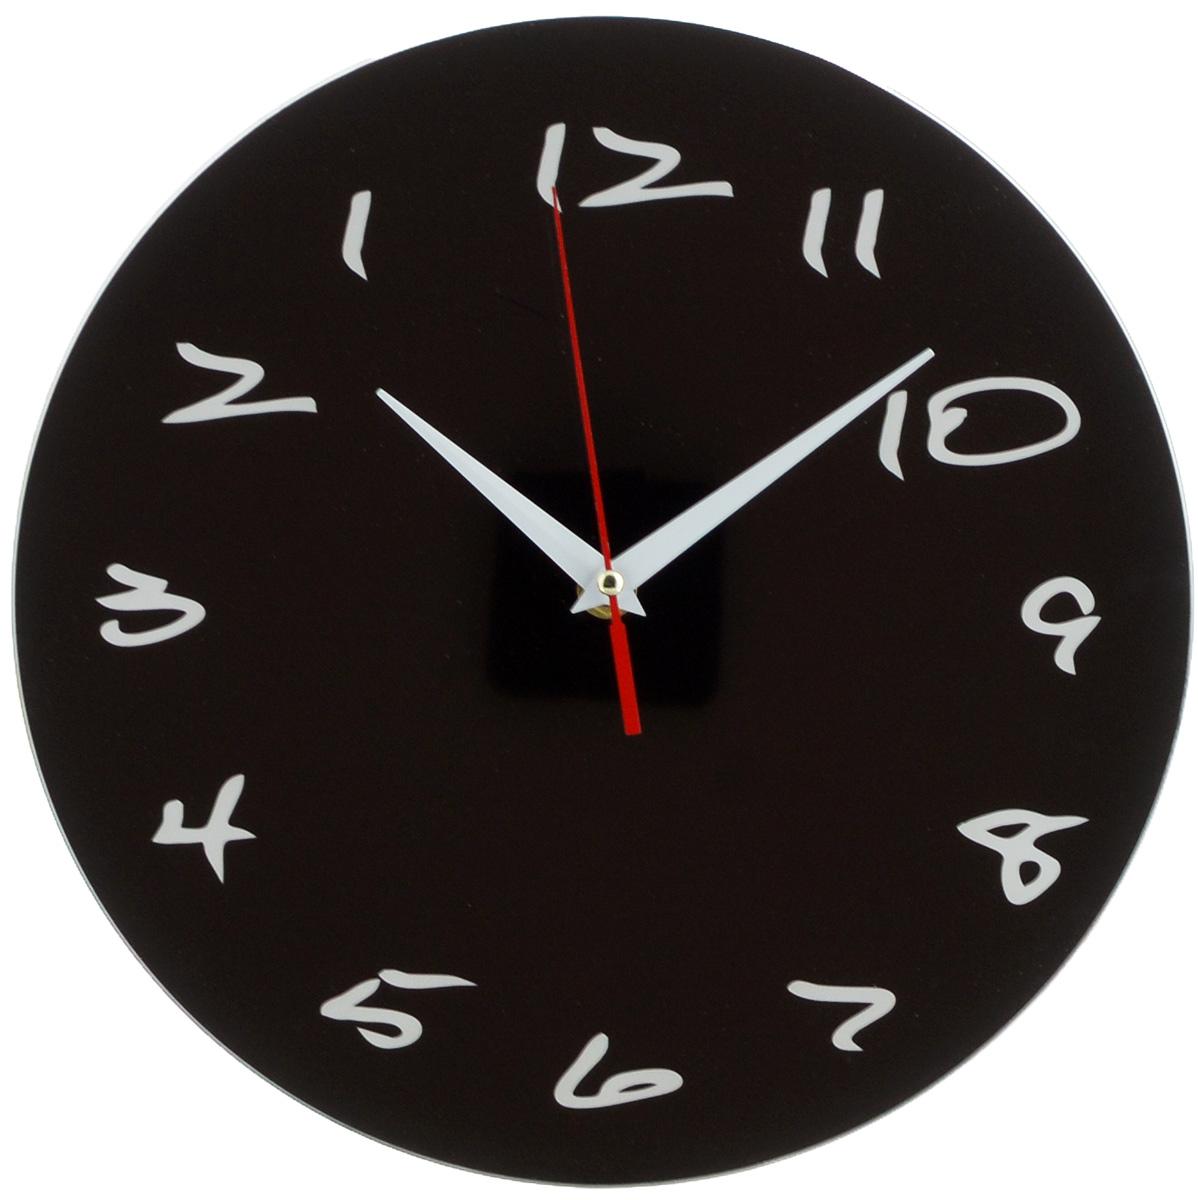 Приколы ирокезом, прикольные картинки настенных часов